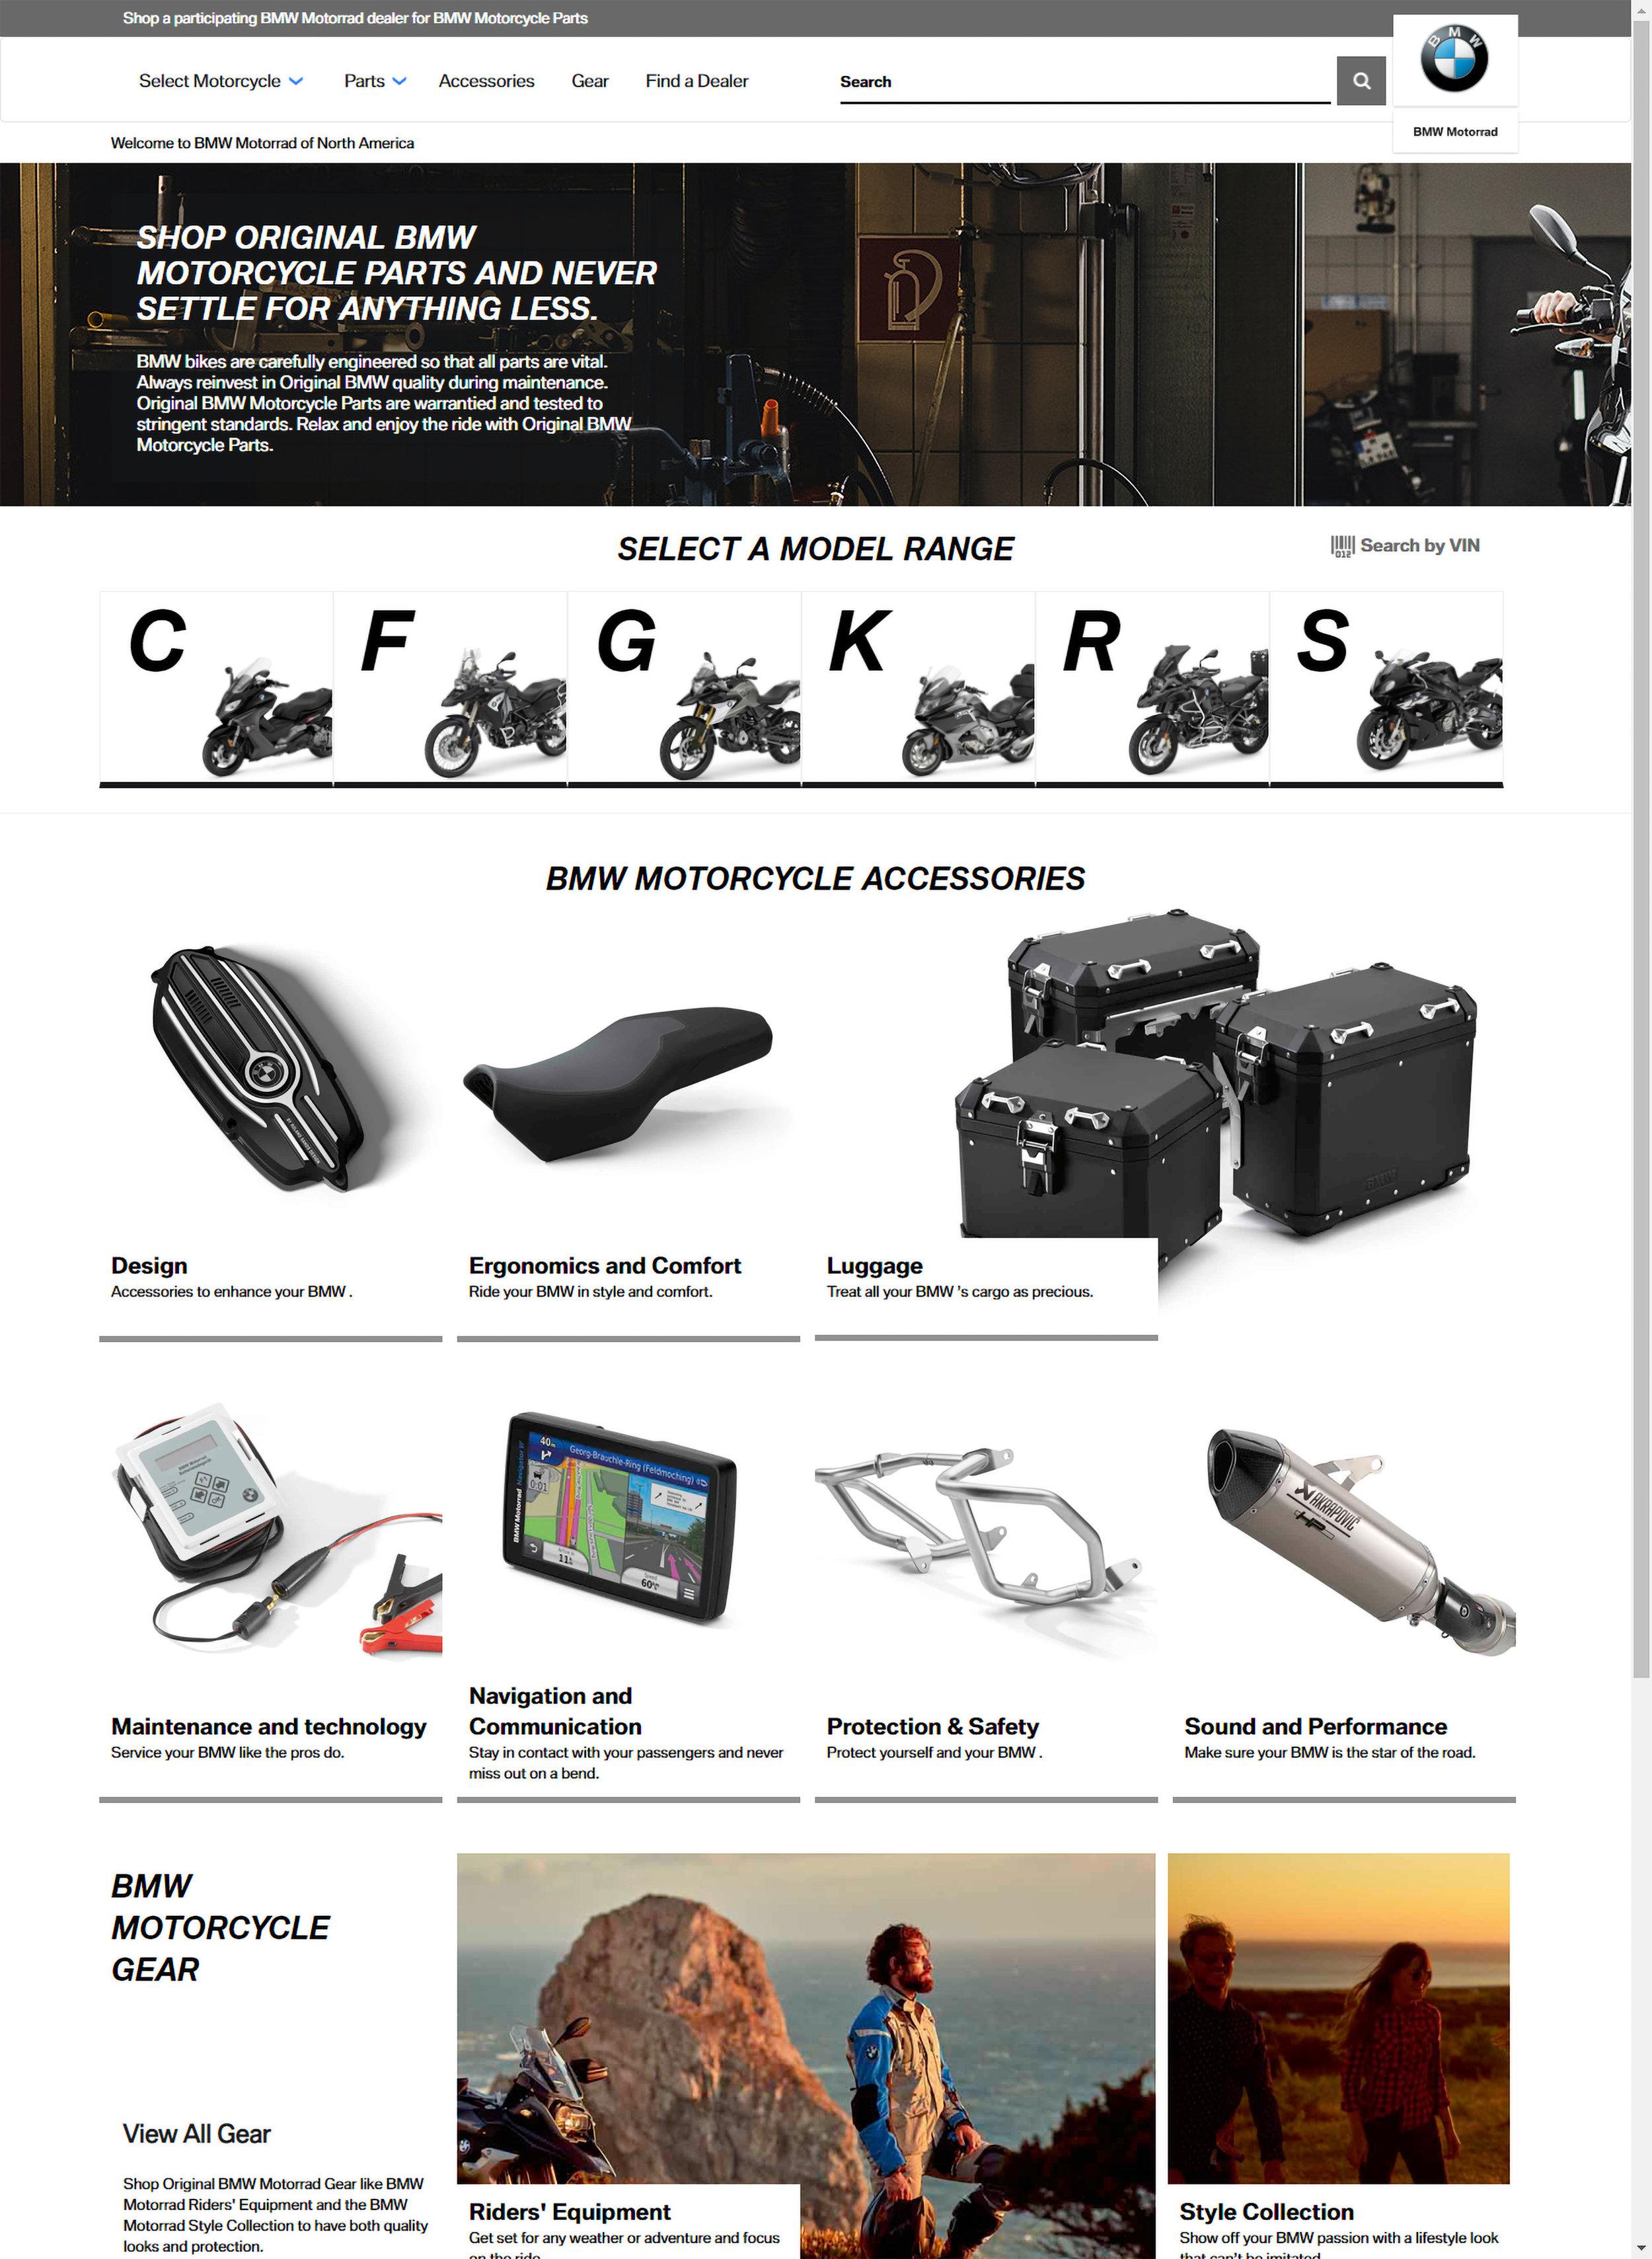 P90327620-highRes.jpg